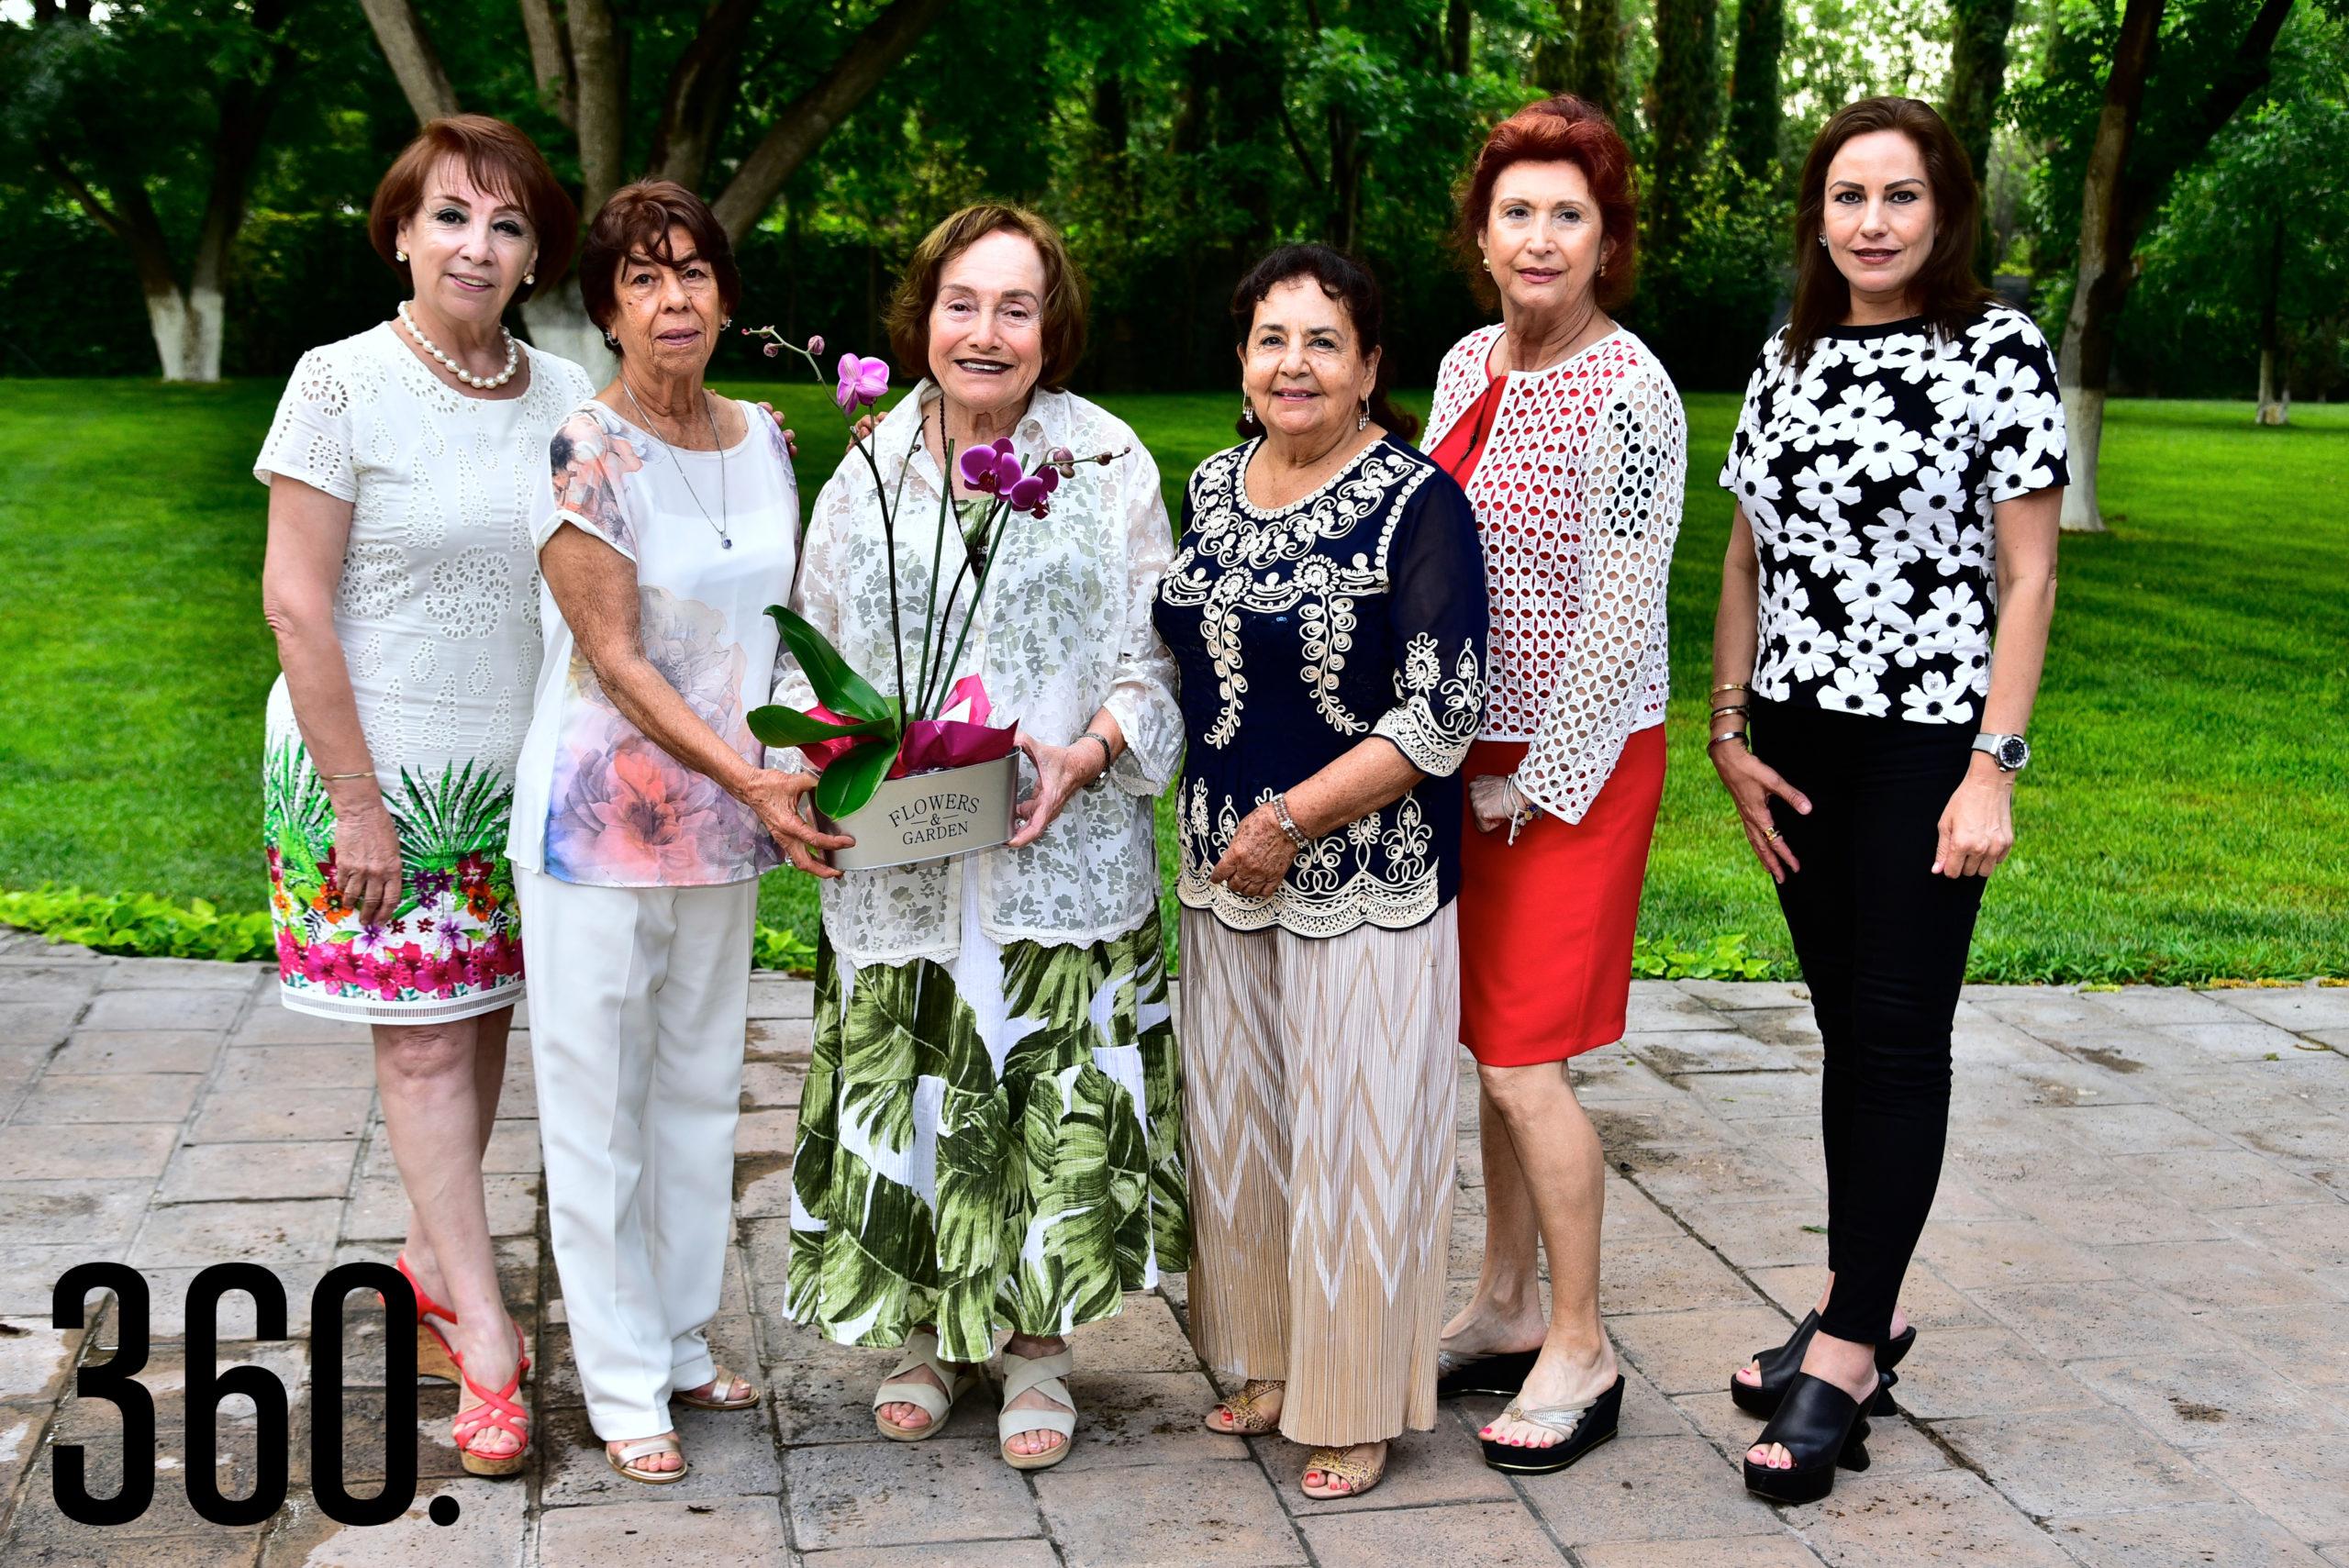 Conchis Arrambide de Castro, Lupita de Cardona, Felisa Fausti de Guerra, Silvia Oropeza, Rosy Santoscoy y Katia Talamás.